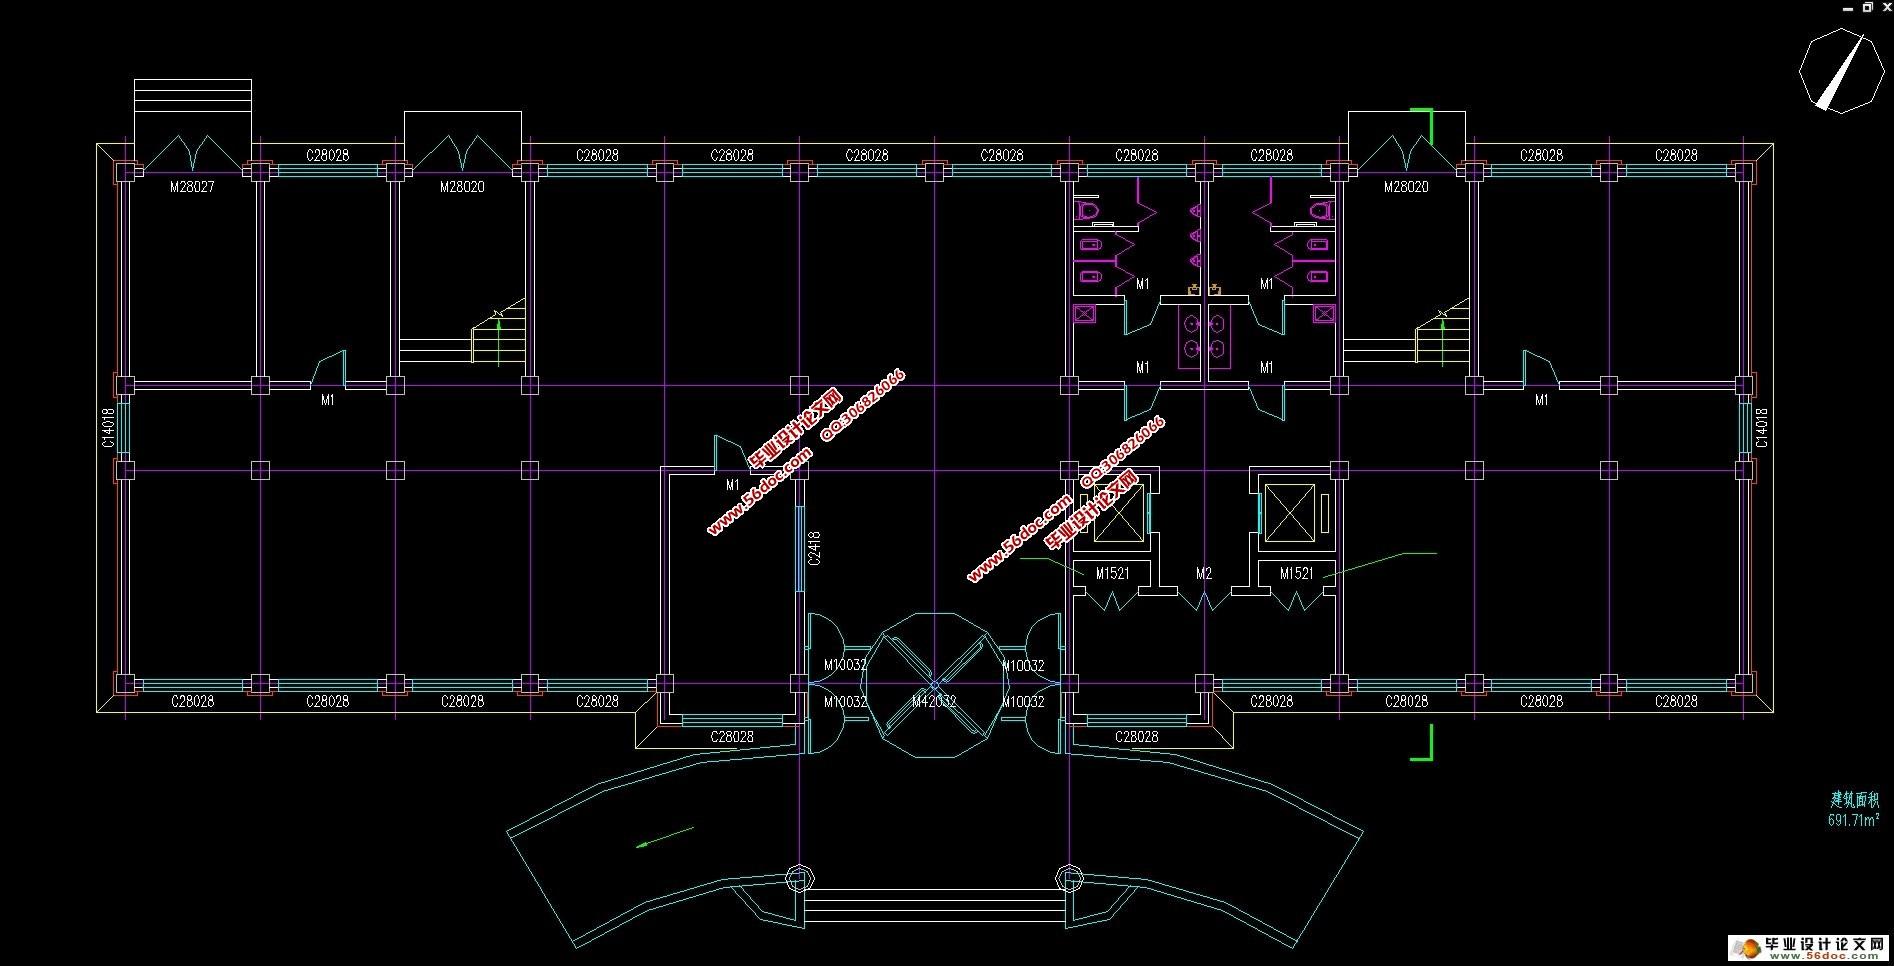 四层2461平米办公楼框架结构设计(建筑结构图,施工组织)